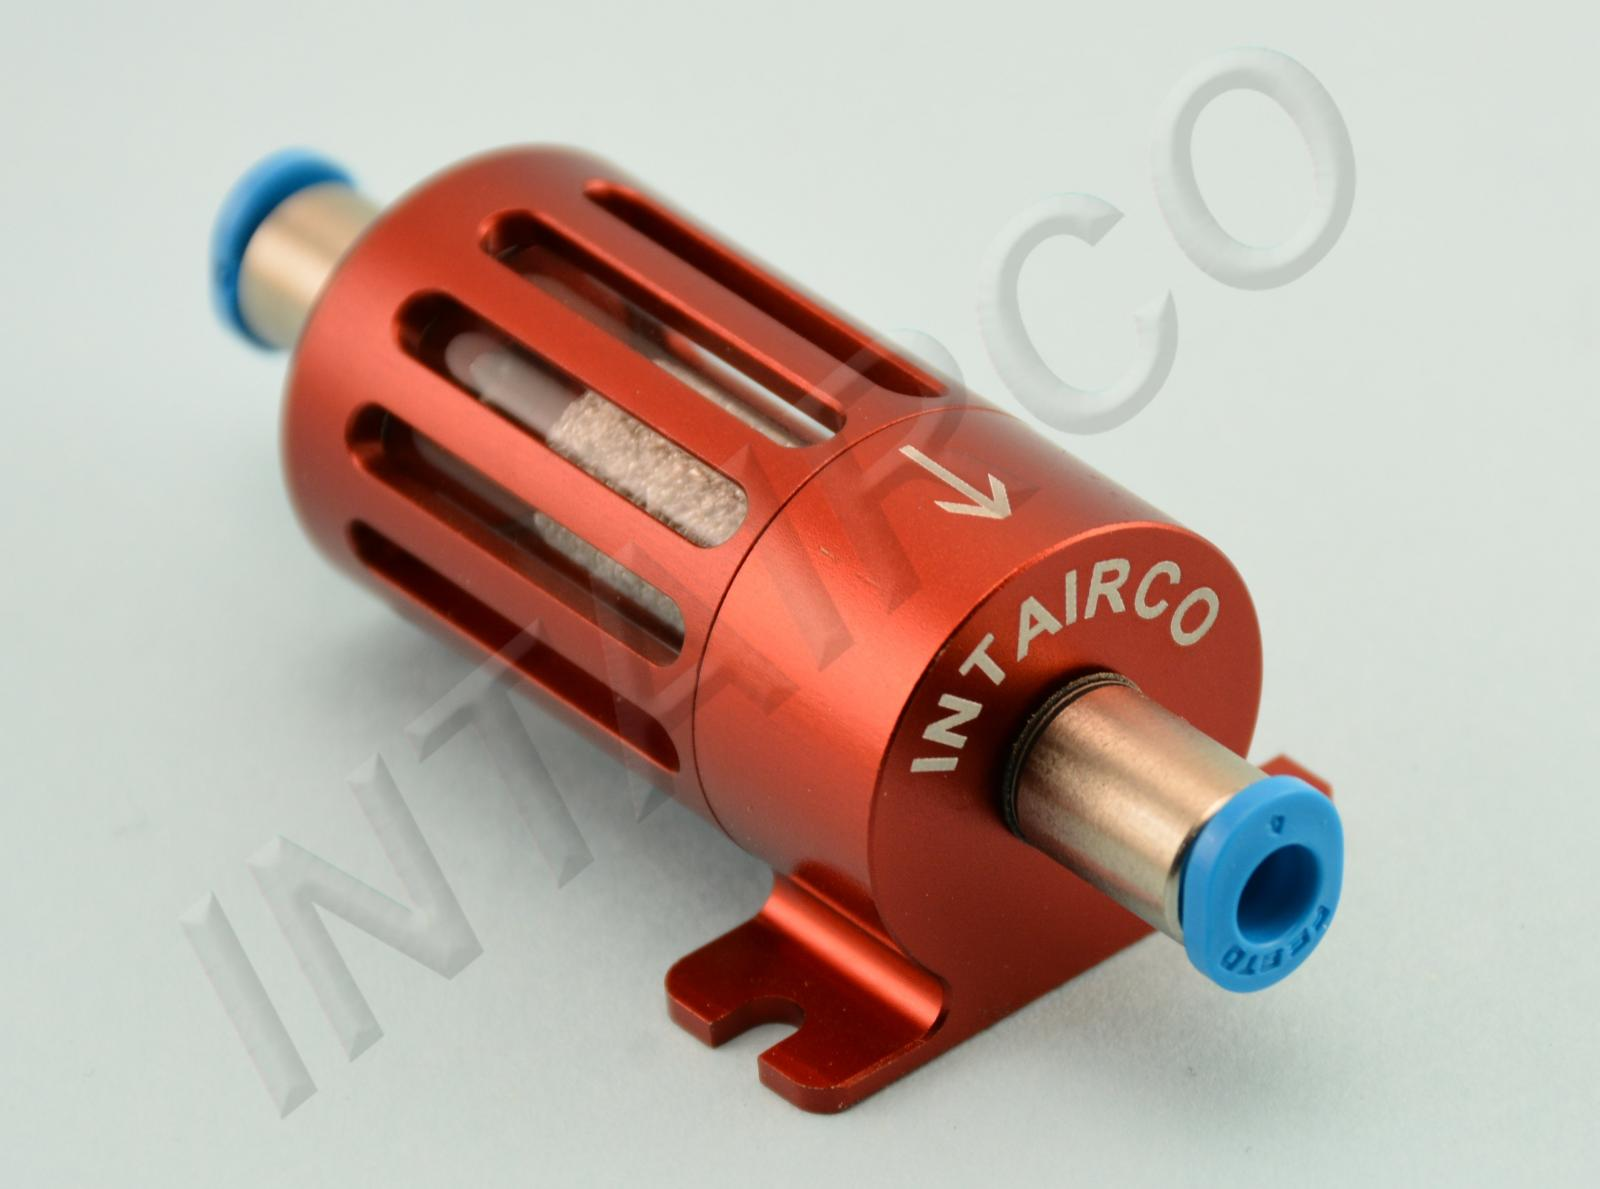 Intairco Super Filter - Festo 4mm Quick Star Verschluss